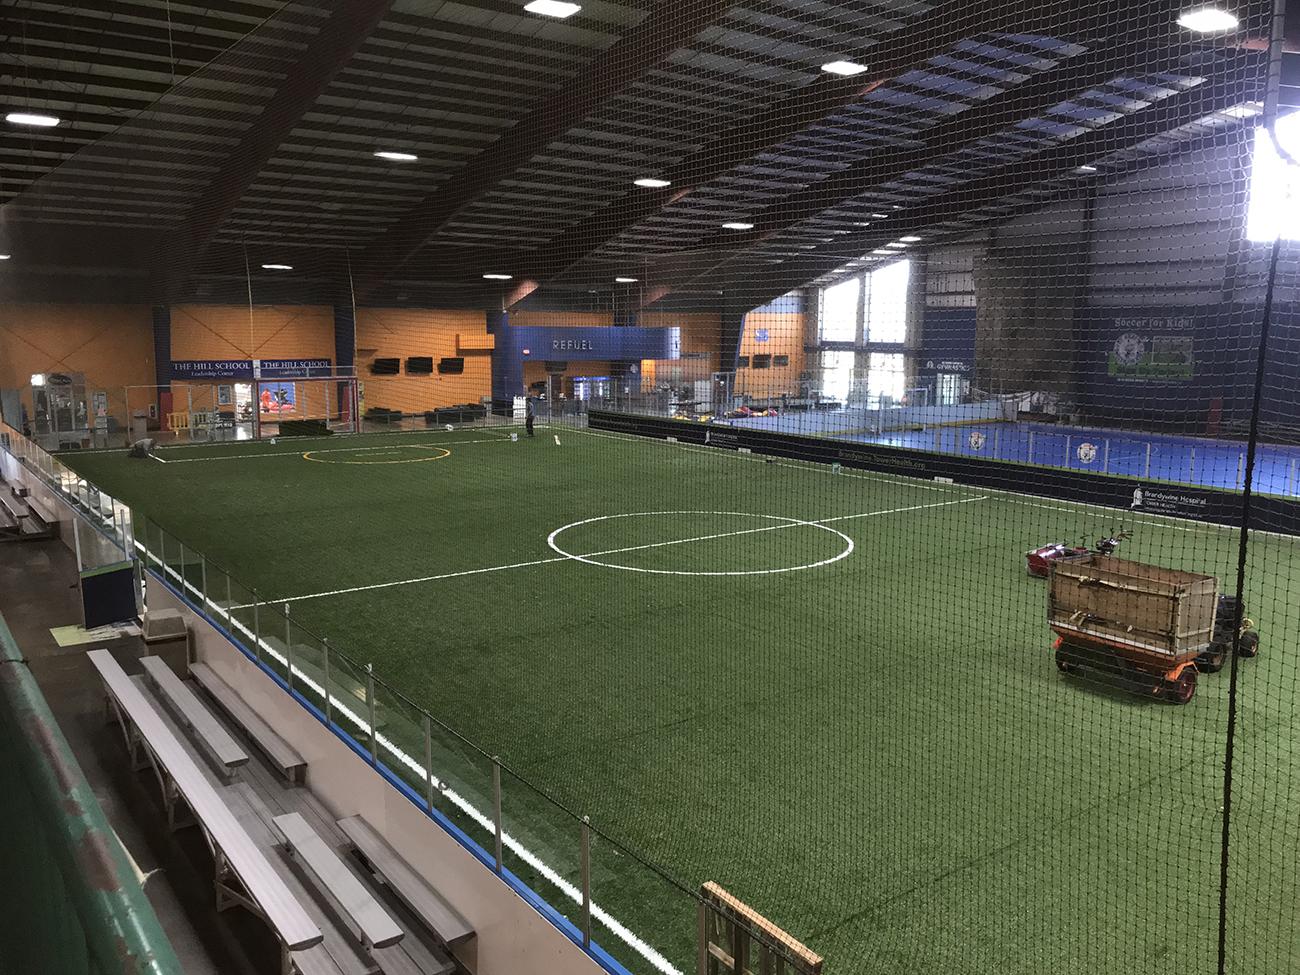 USTC Indoor Artificial Turf